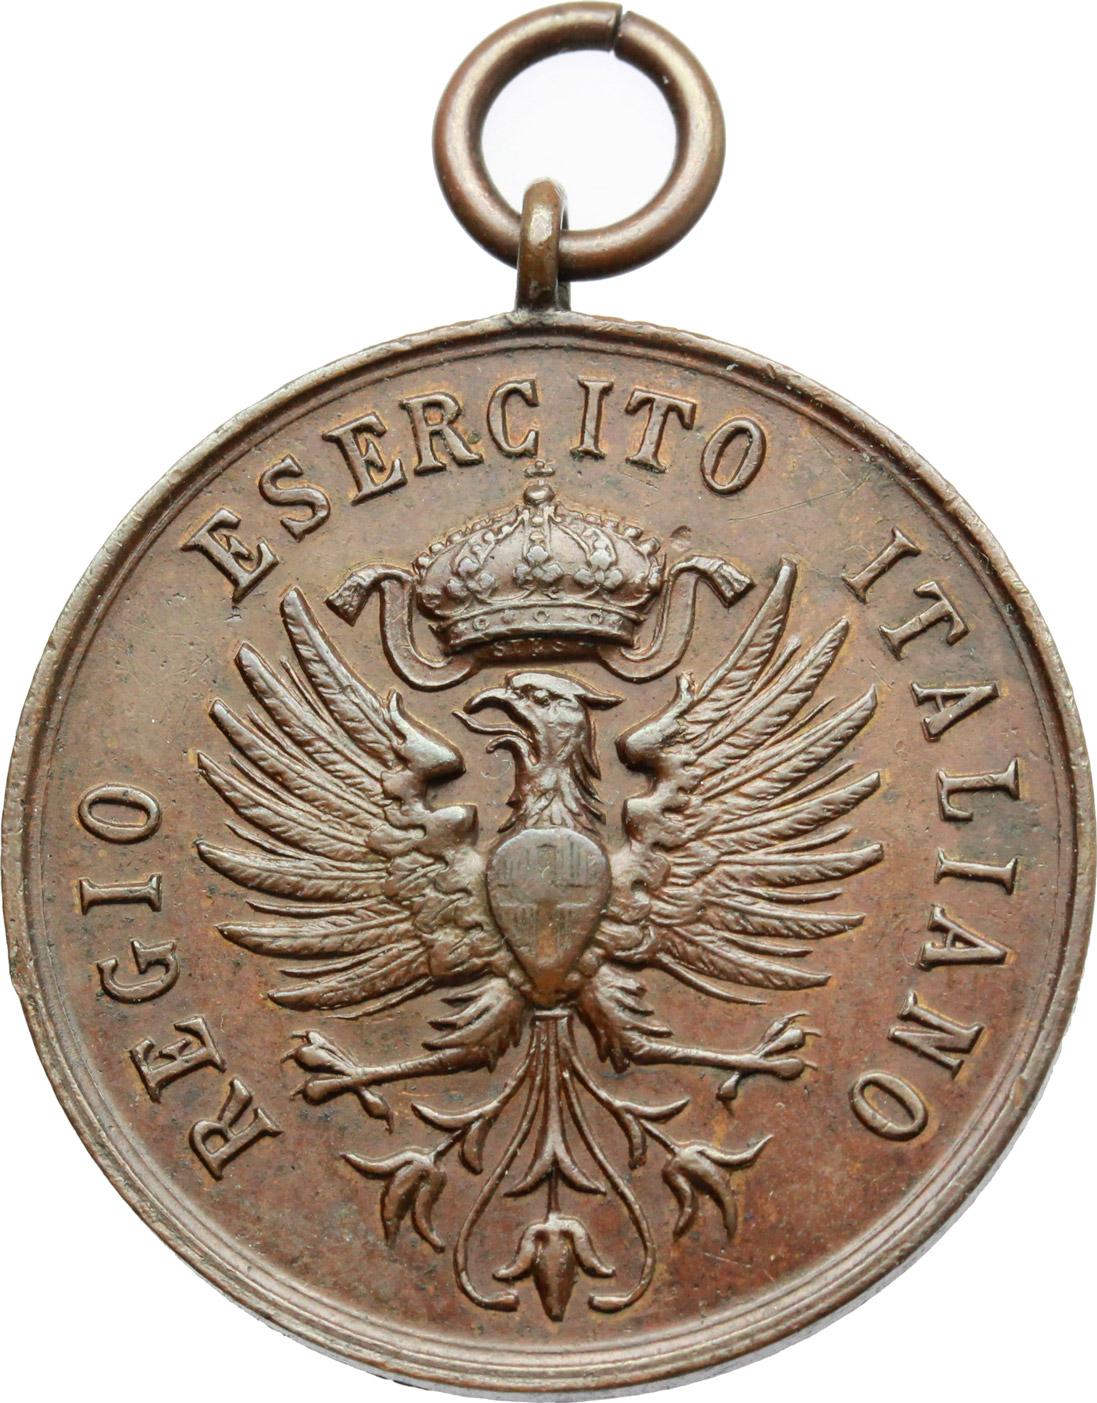 D/ Vittorio Emanuele III (1900-1943). Medaglia Regio Esercito Italiano. Gare ginnico sportive.     AE.   mm. 30.20    qSPL.